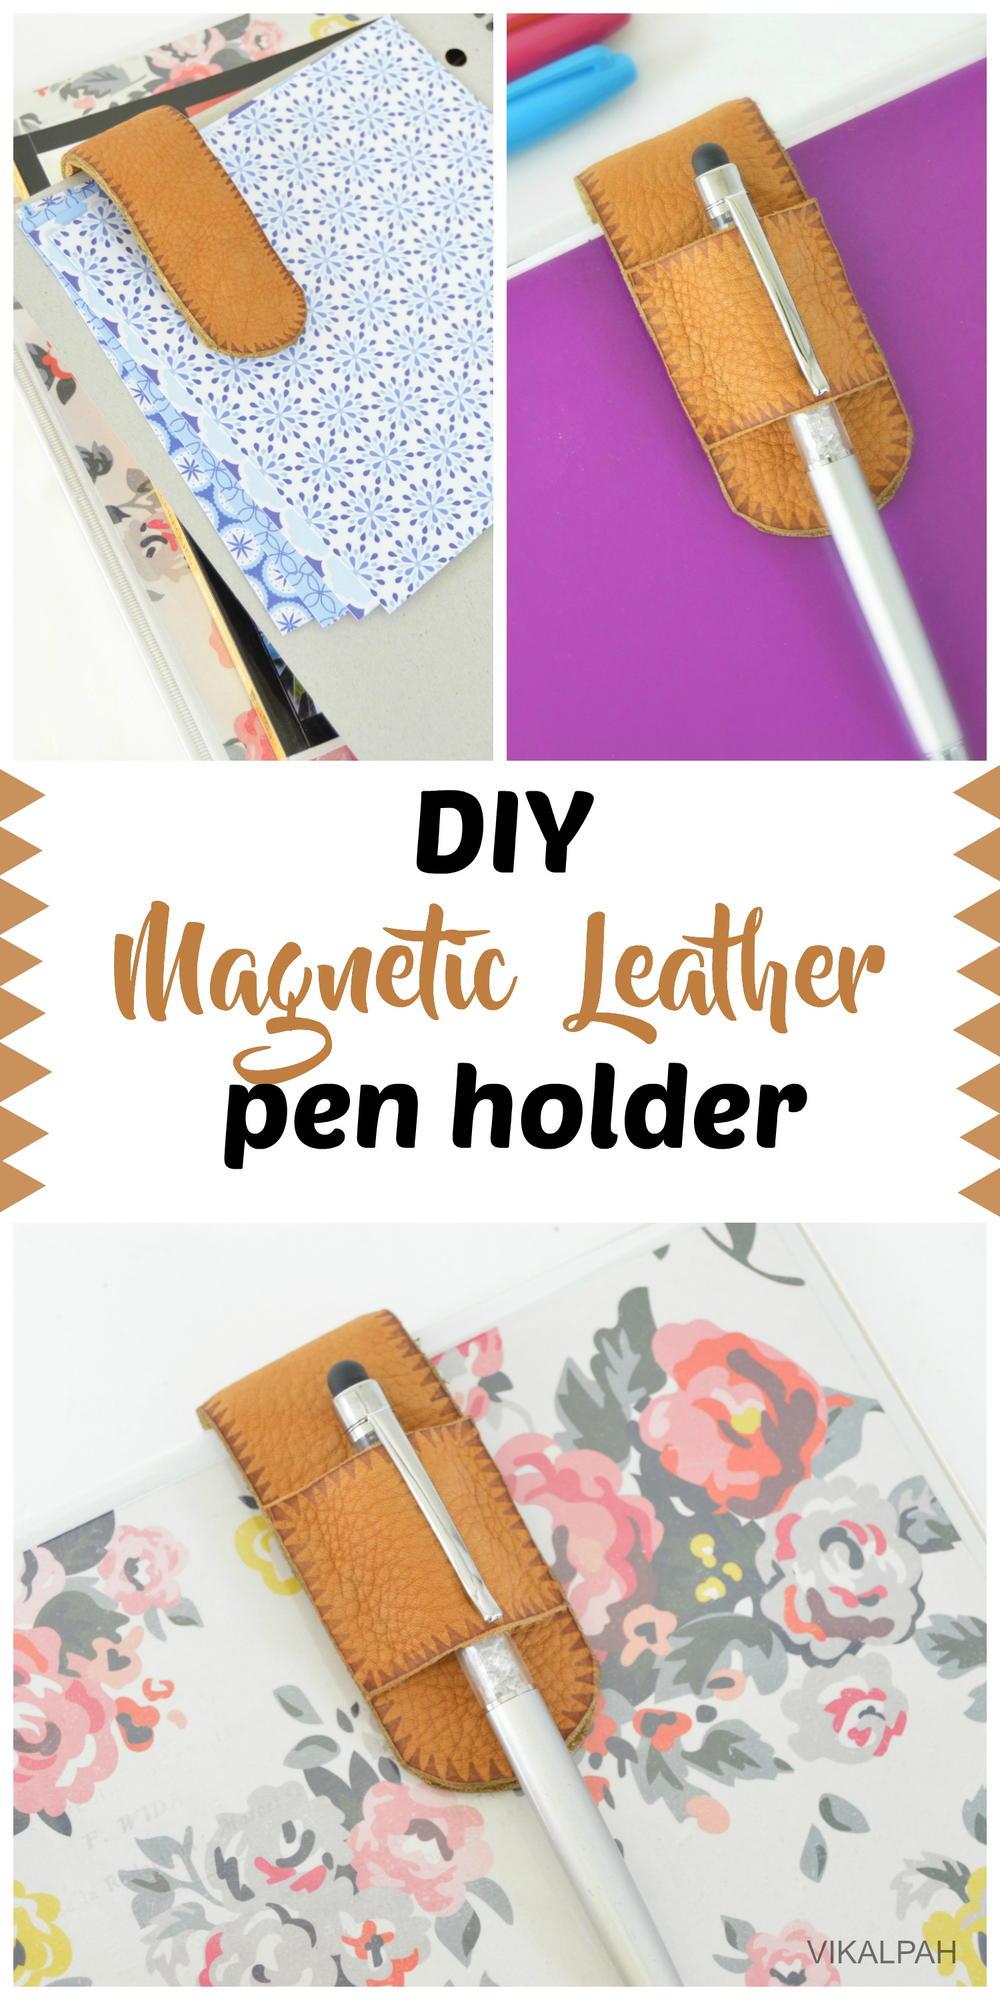 DIY Magnetic Leather Pen Holder | FaveCrafts.com